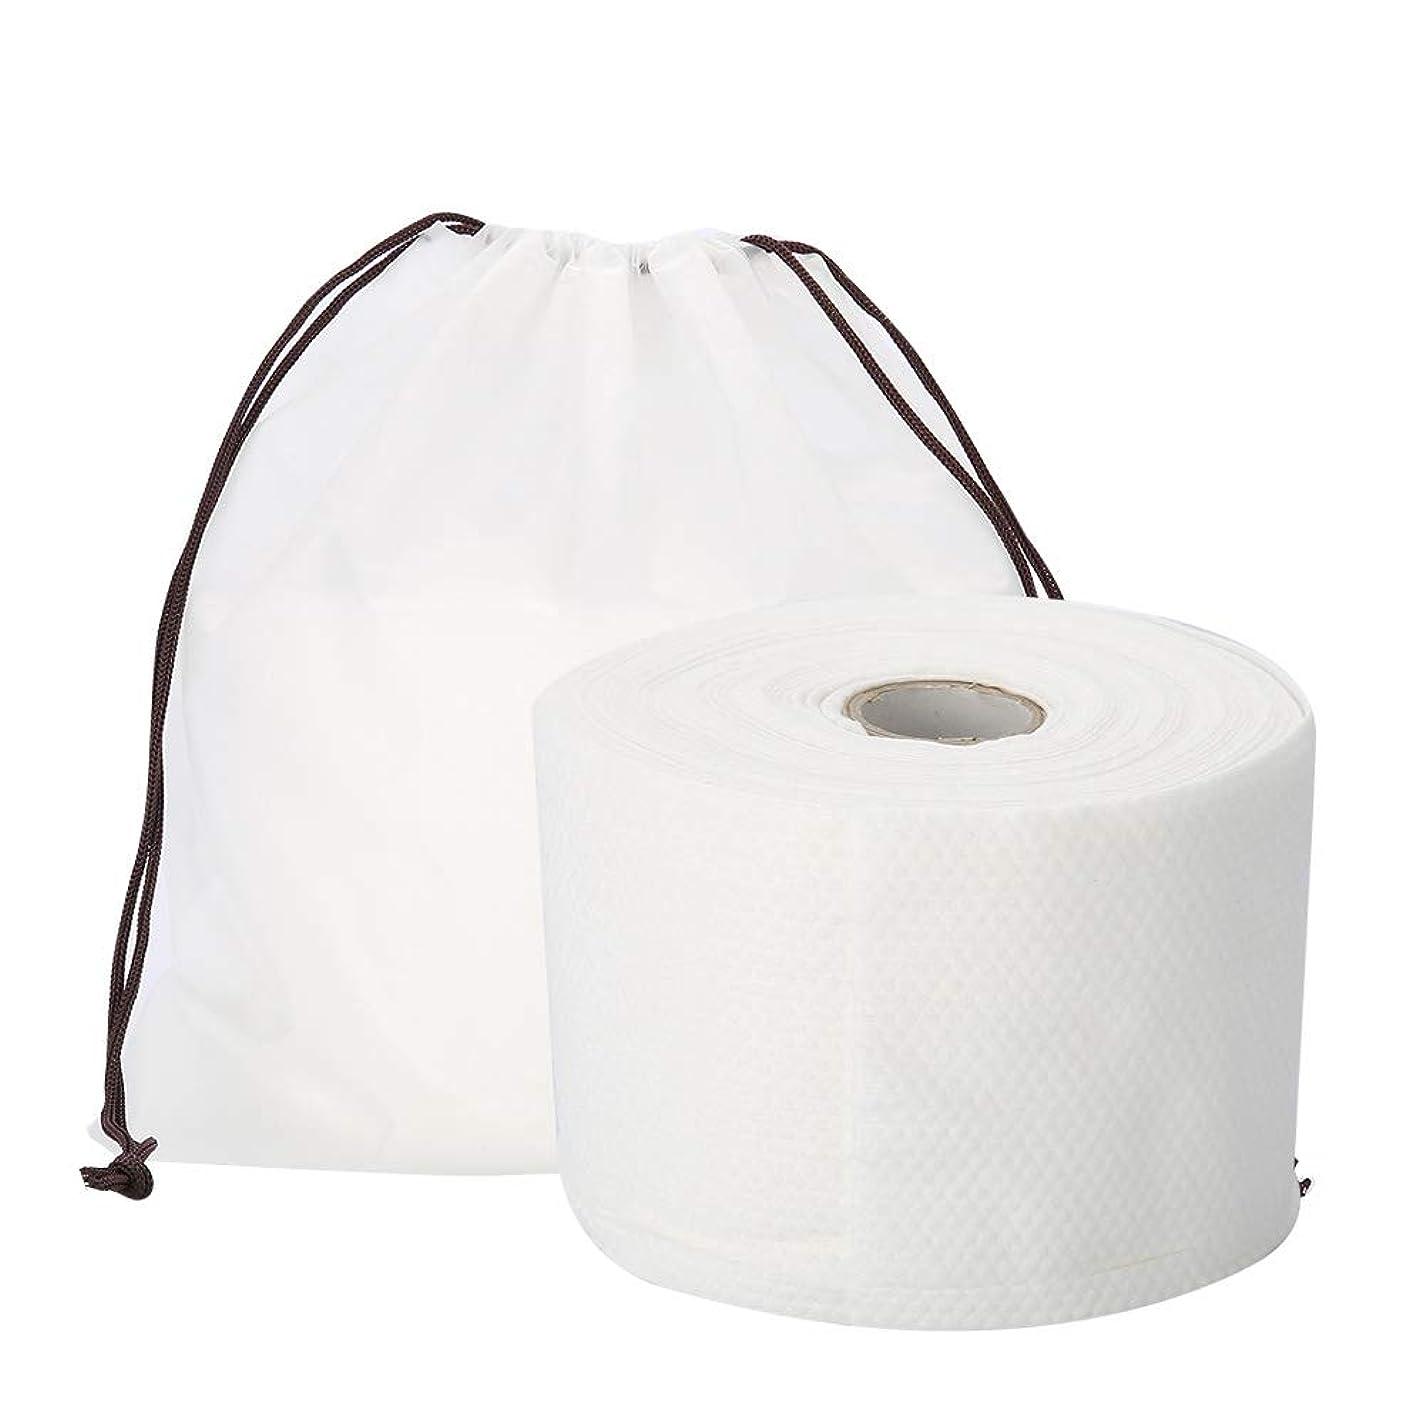 簡単な今日キウイSemmeの使い捨て可能なクリーニングのフェイスタオル、毛羽立ちのない綿パッドの構造使い捨て可能なフェイスタオルの柔らかいNonwovenのクリーニングの化粧品の綿パッド25m